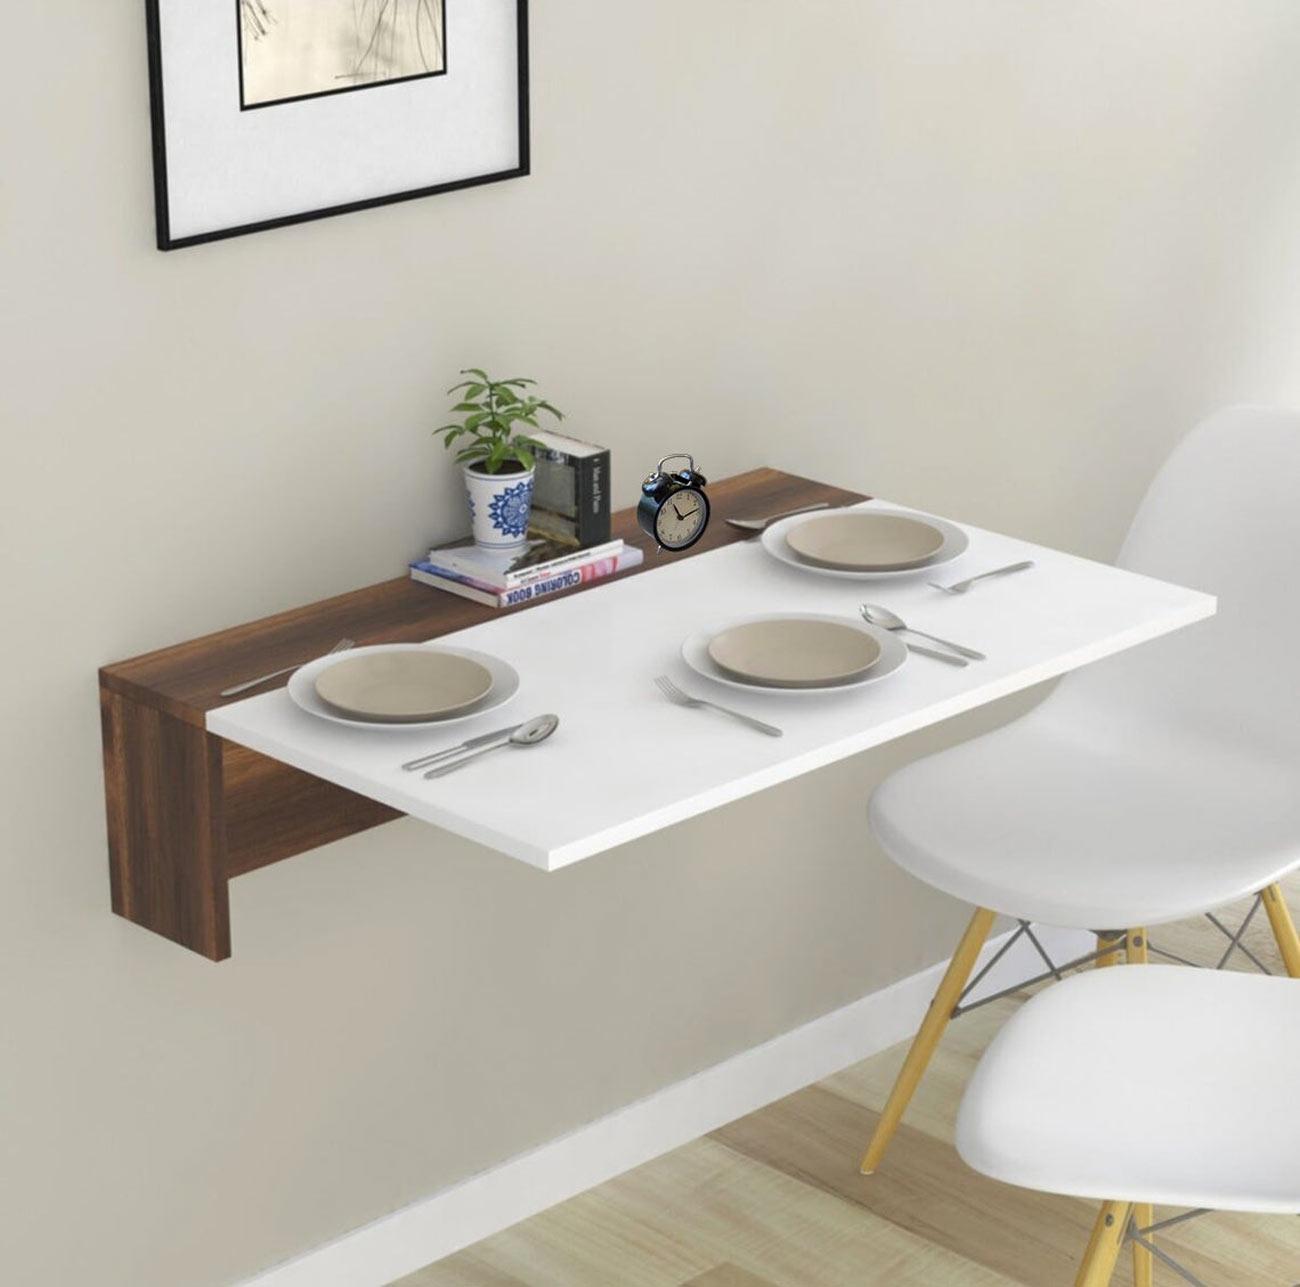 Tavolino pieghevole da parete salvaspazio.